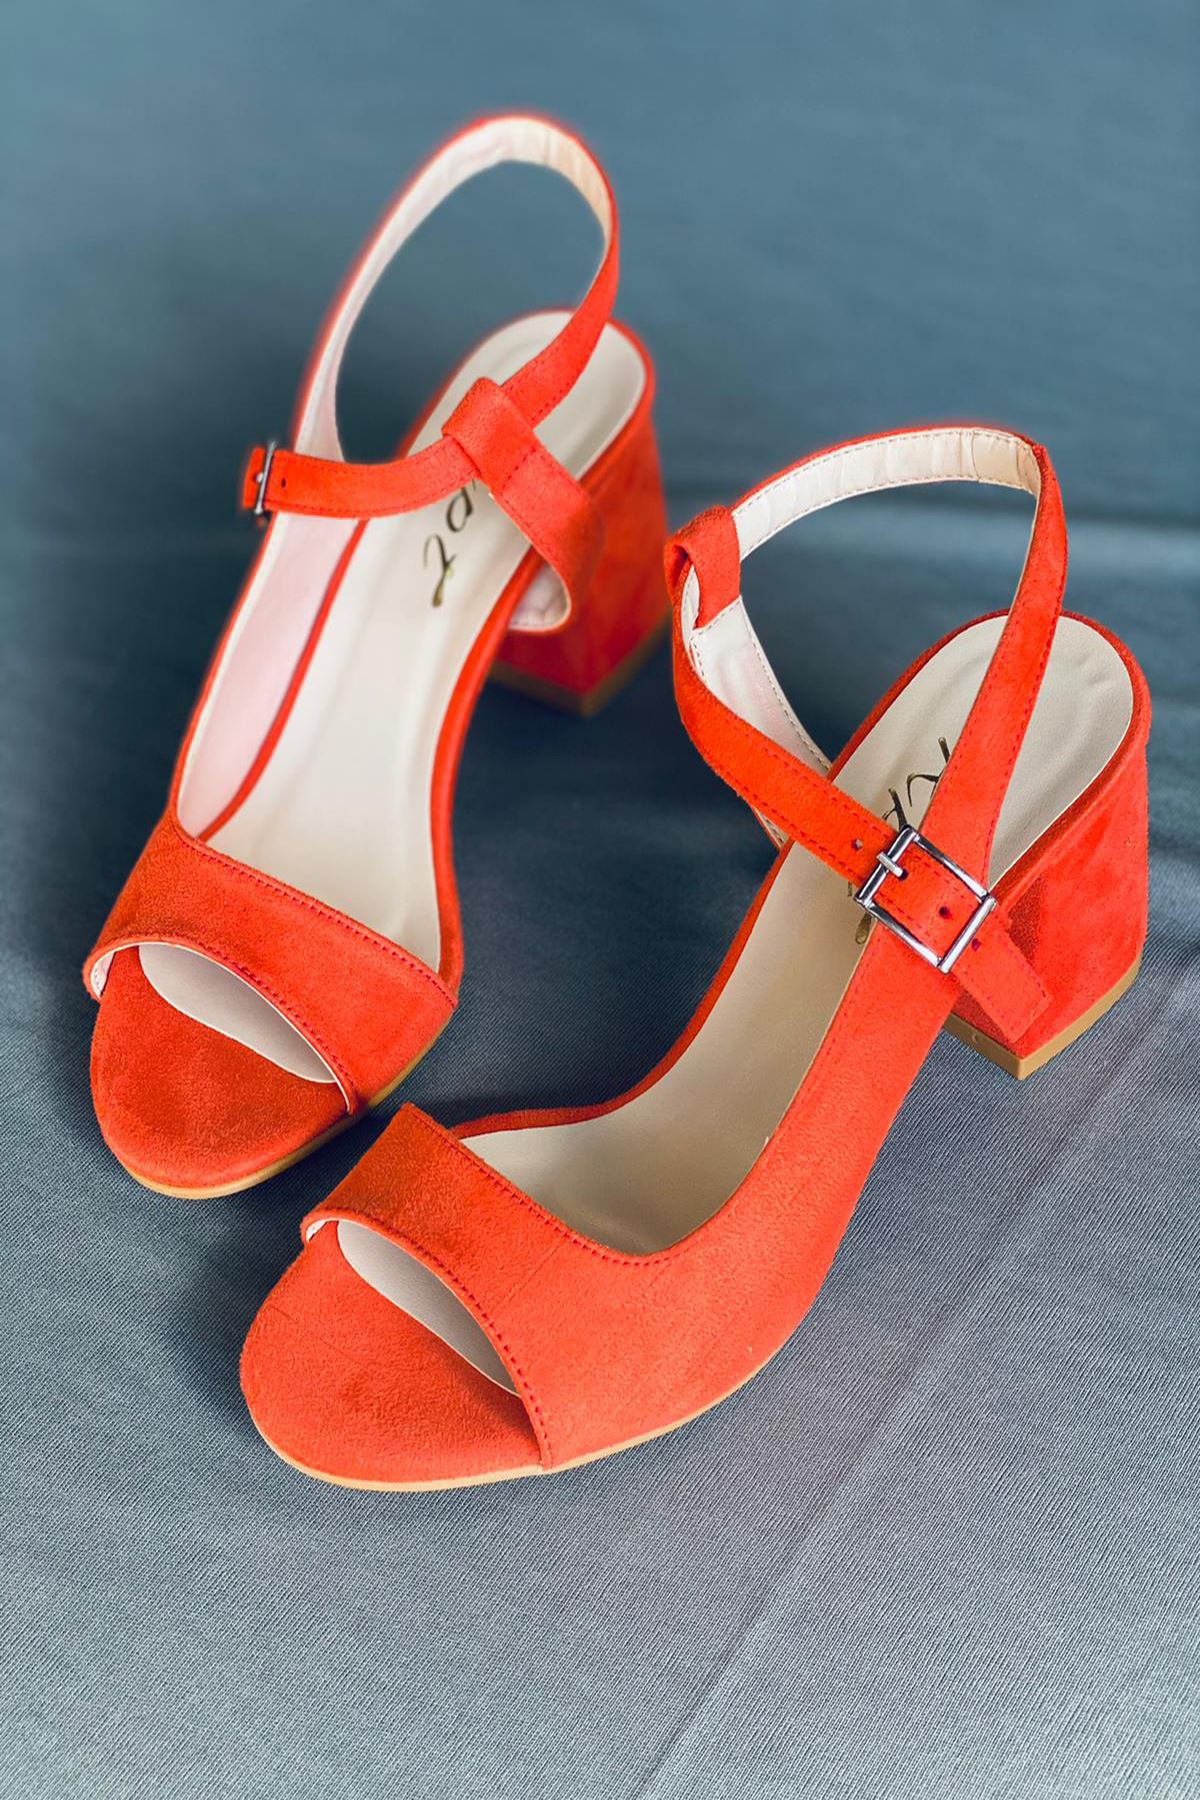 Y600 Turuncu Süet Topuklu Ayakkabı